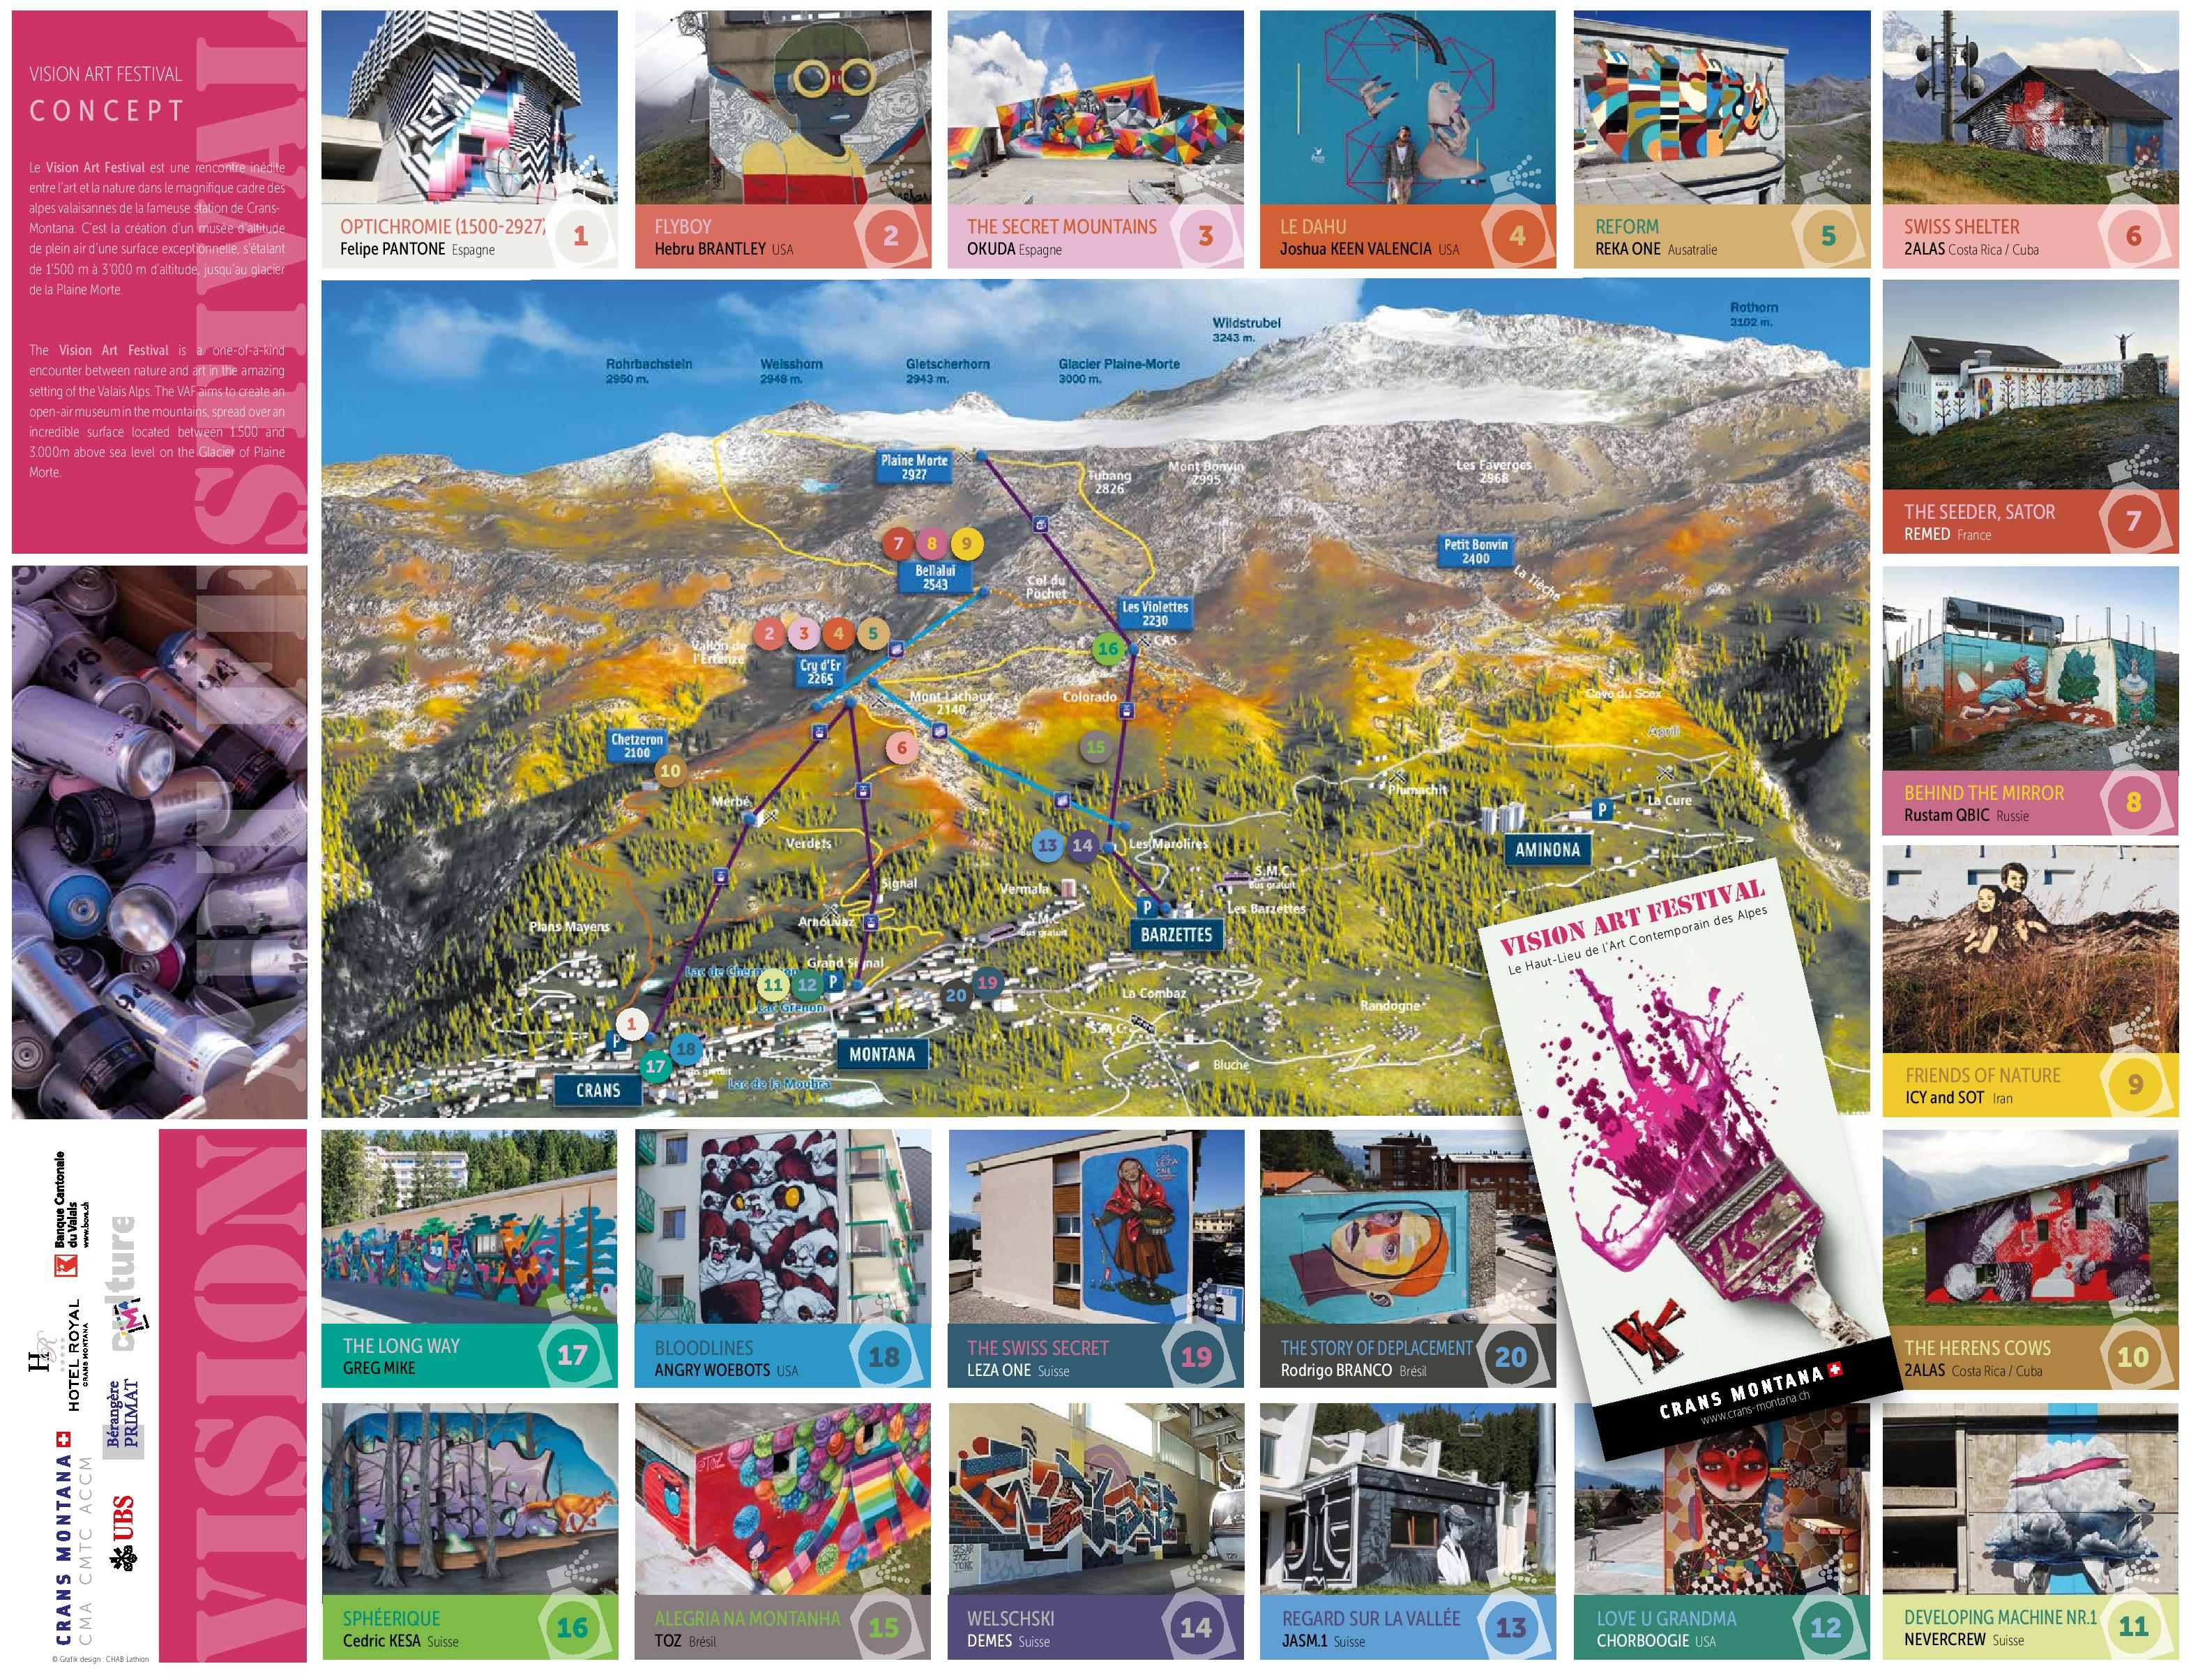 Vision-Art-Festival-VAF-page-002